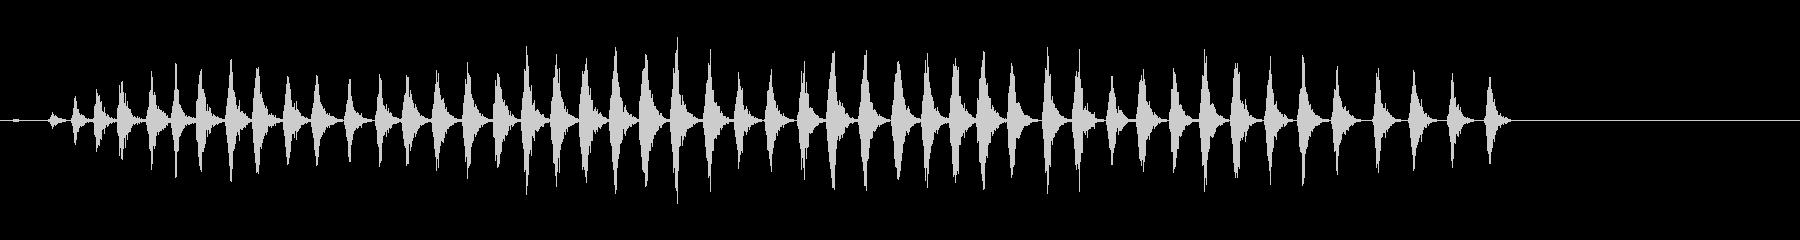 「キチキチキチキチ」と連続して鳴く鳥の未再生の波形